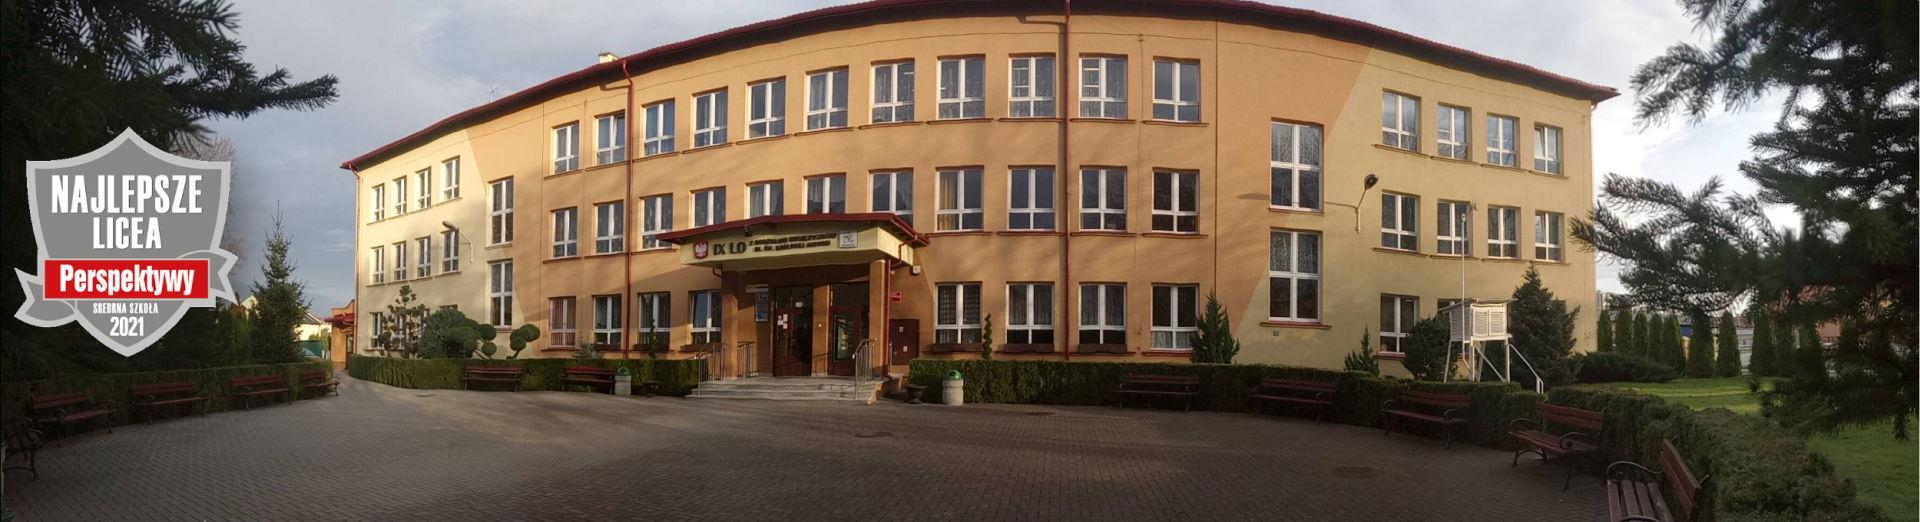 banner_szkola